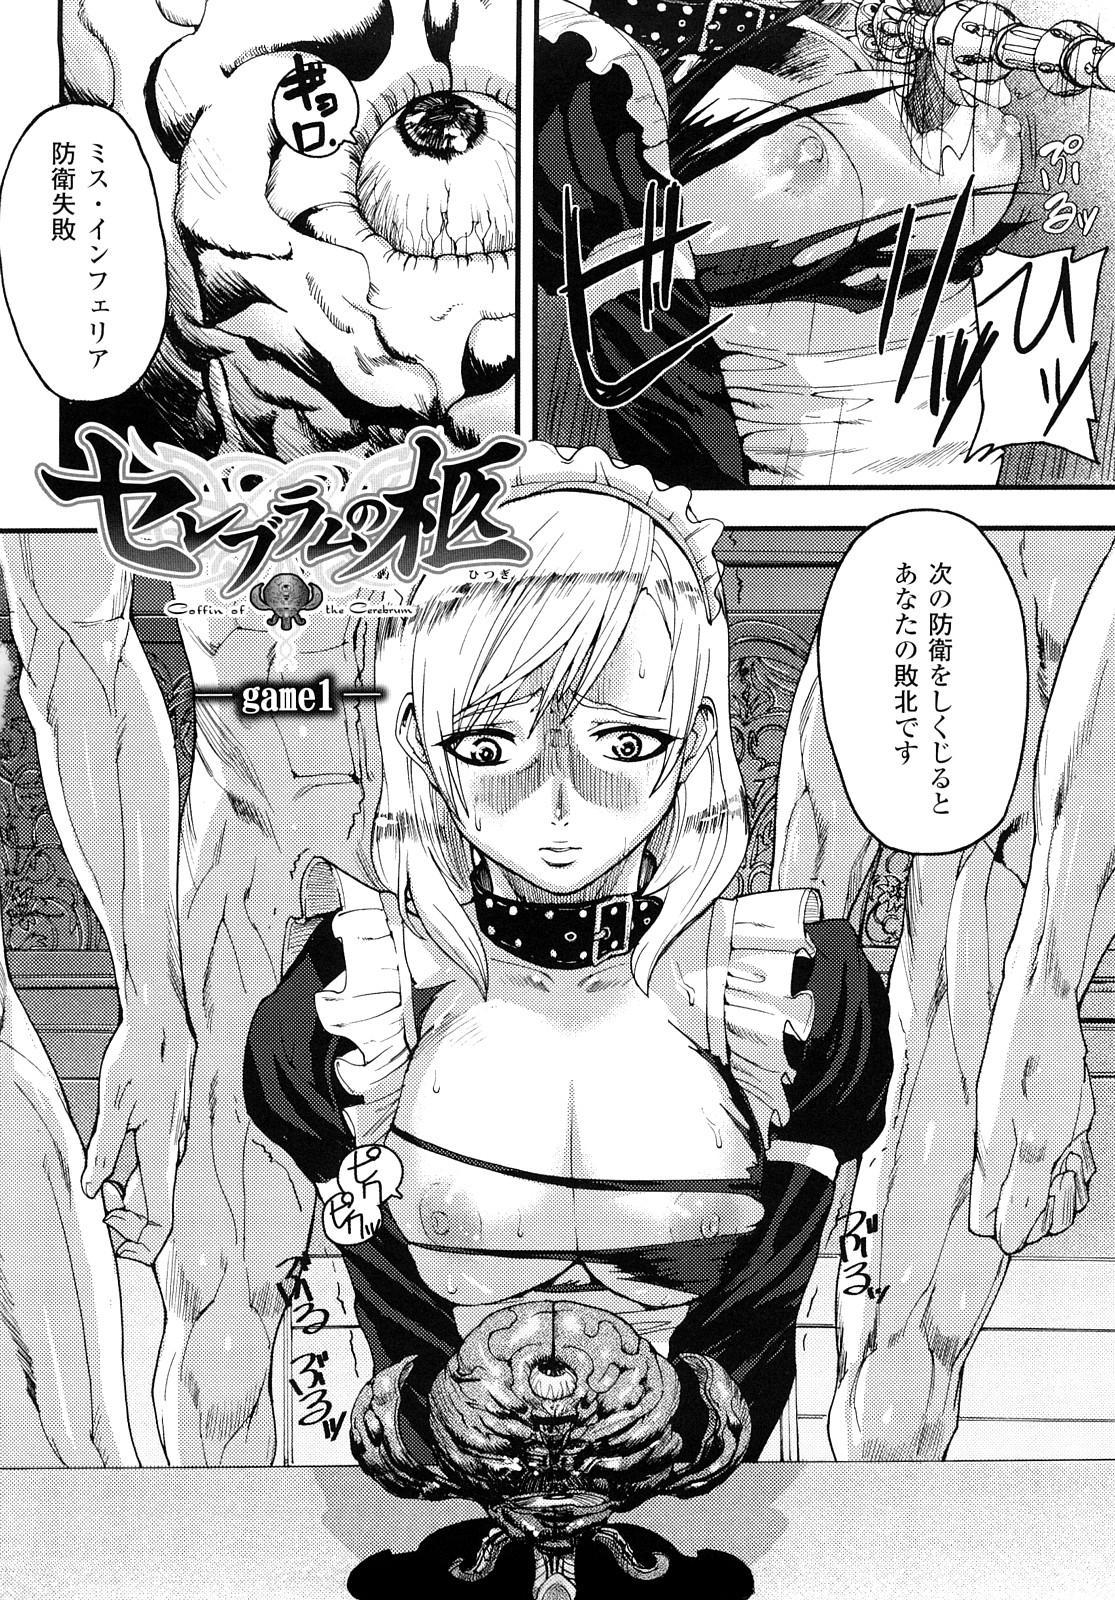 Cerberum no Hitsugi Haitoku no Hanmegami - The Coffin of Cerebrum Immoral Demivenus 6